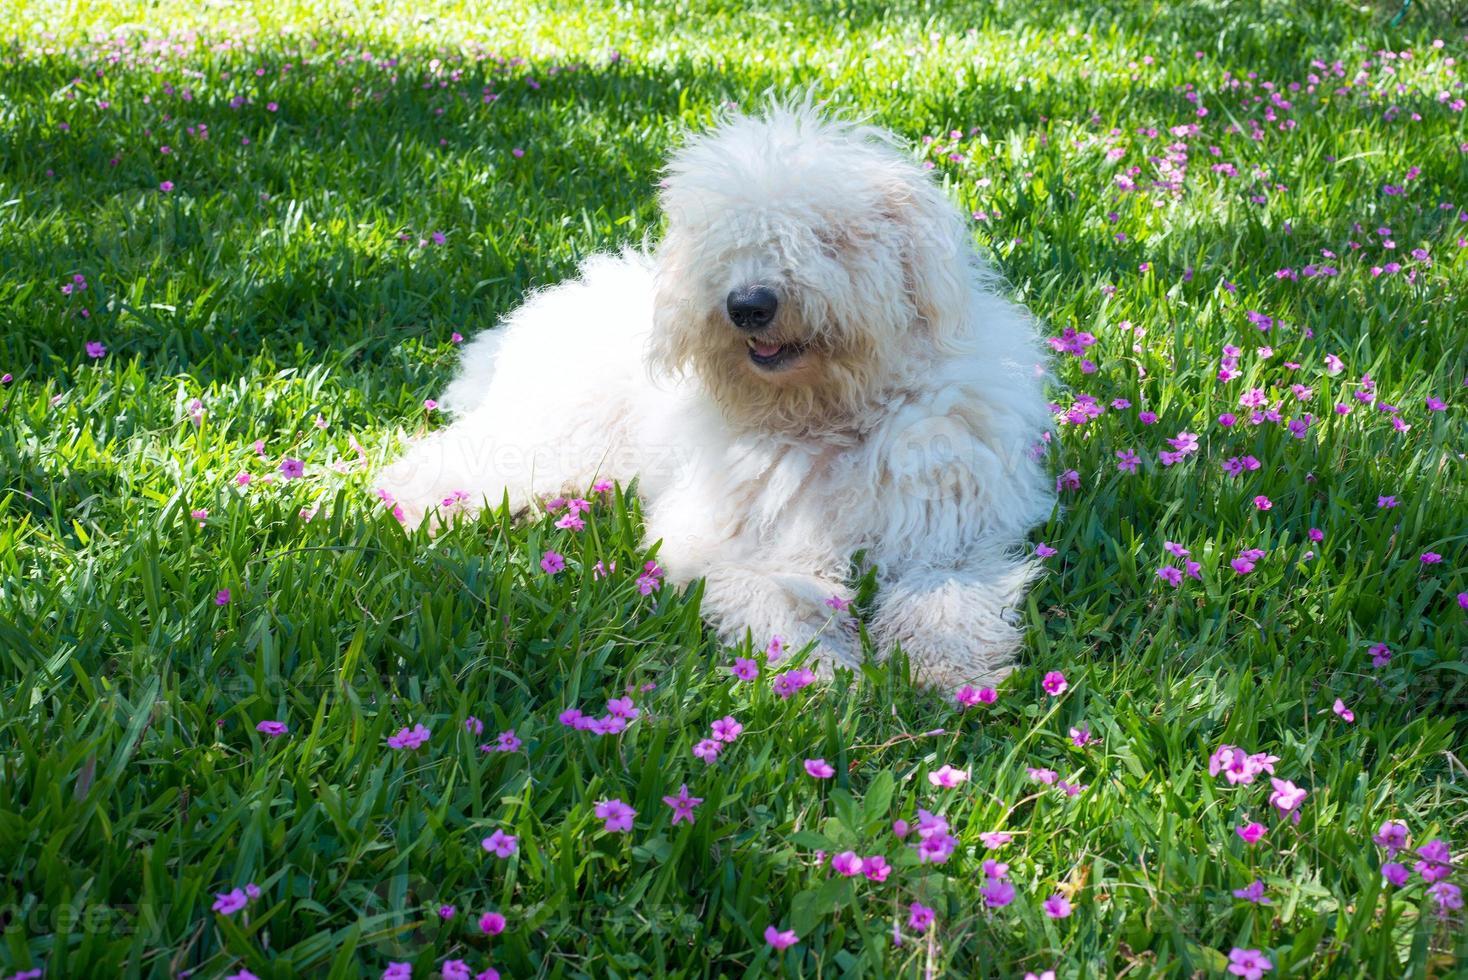 Lindo perro joven komondor acostado sobre una pradera de flores foto